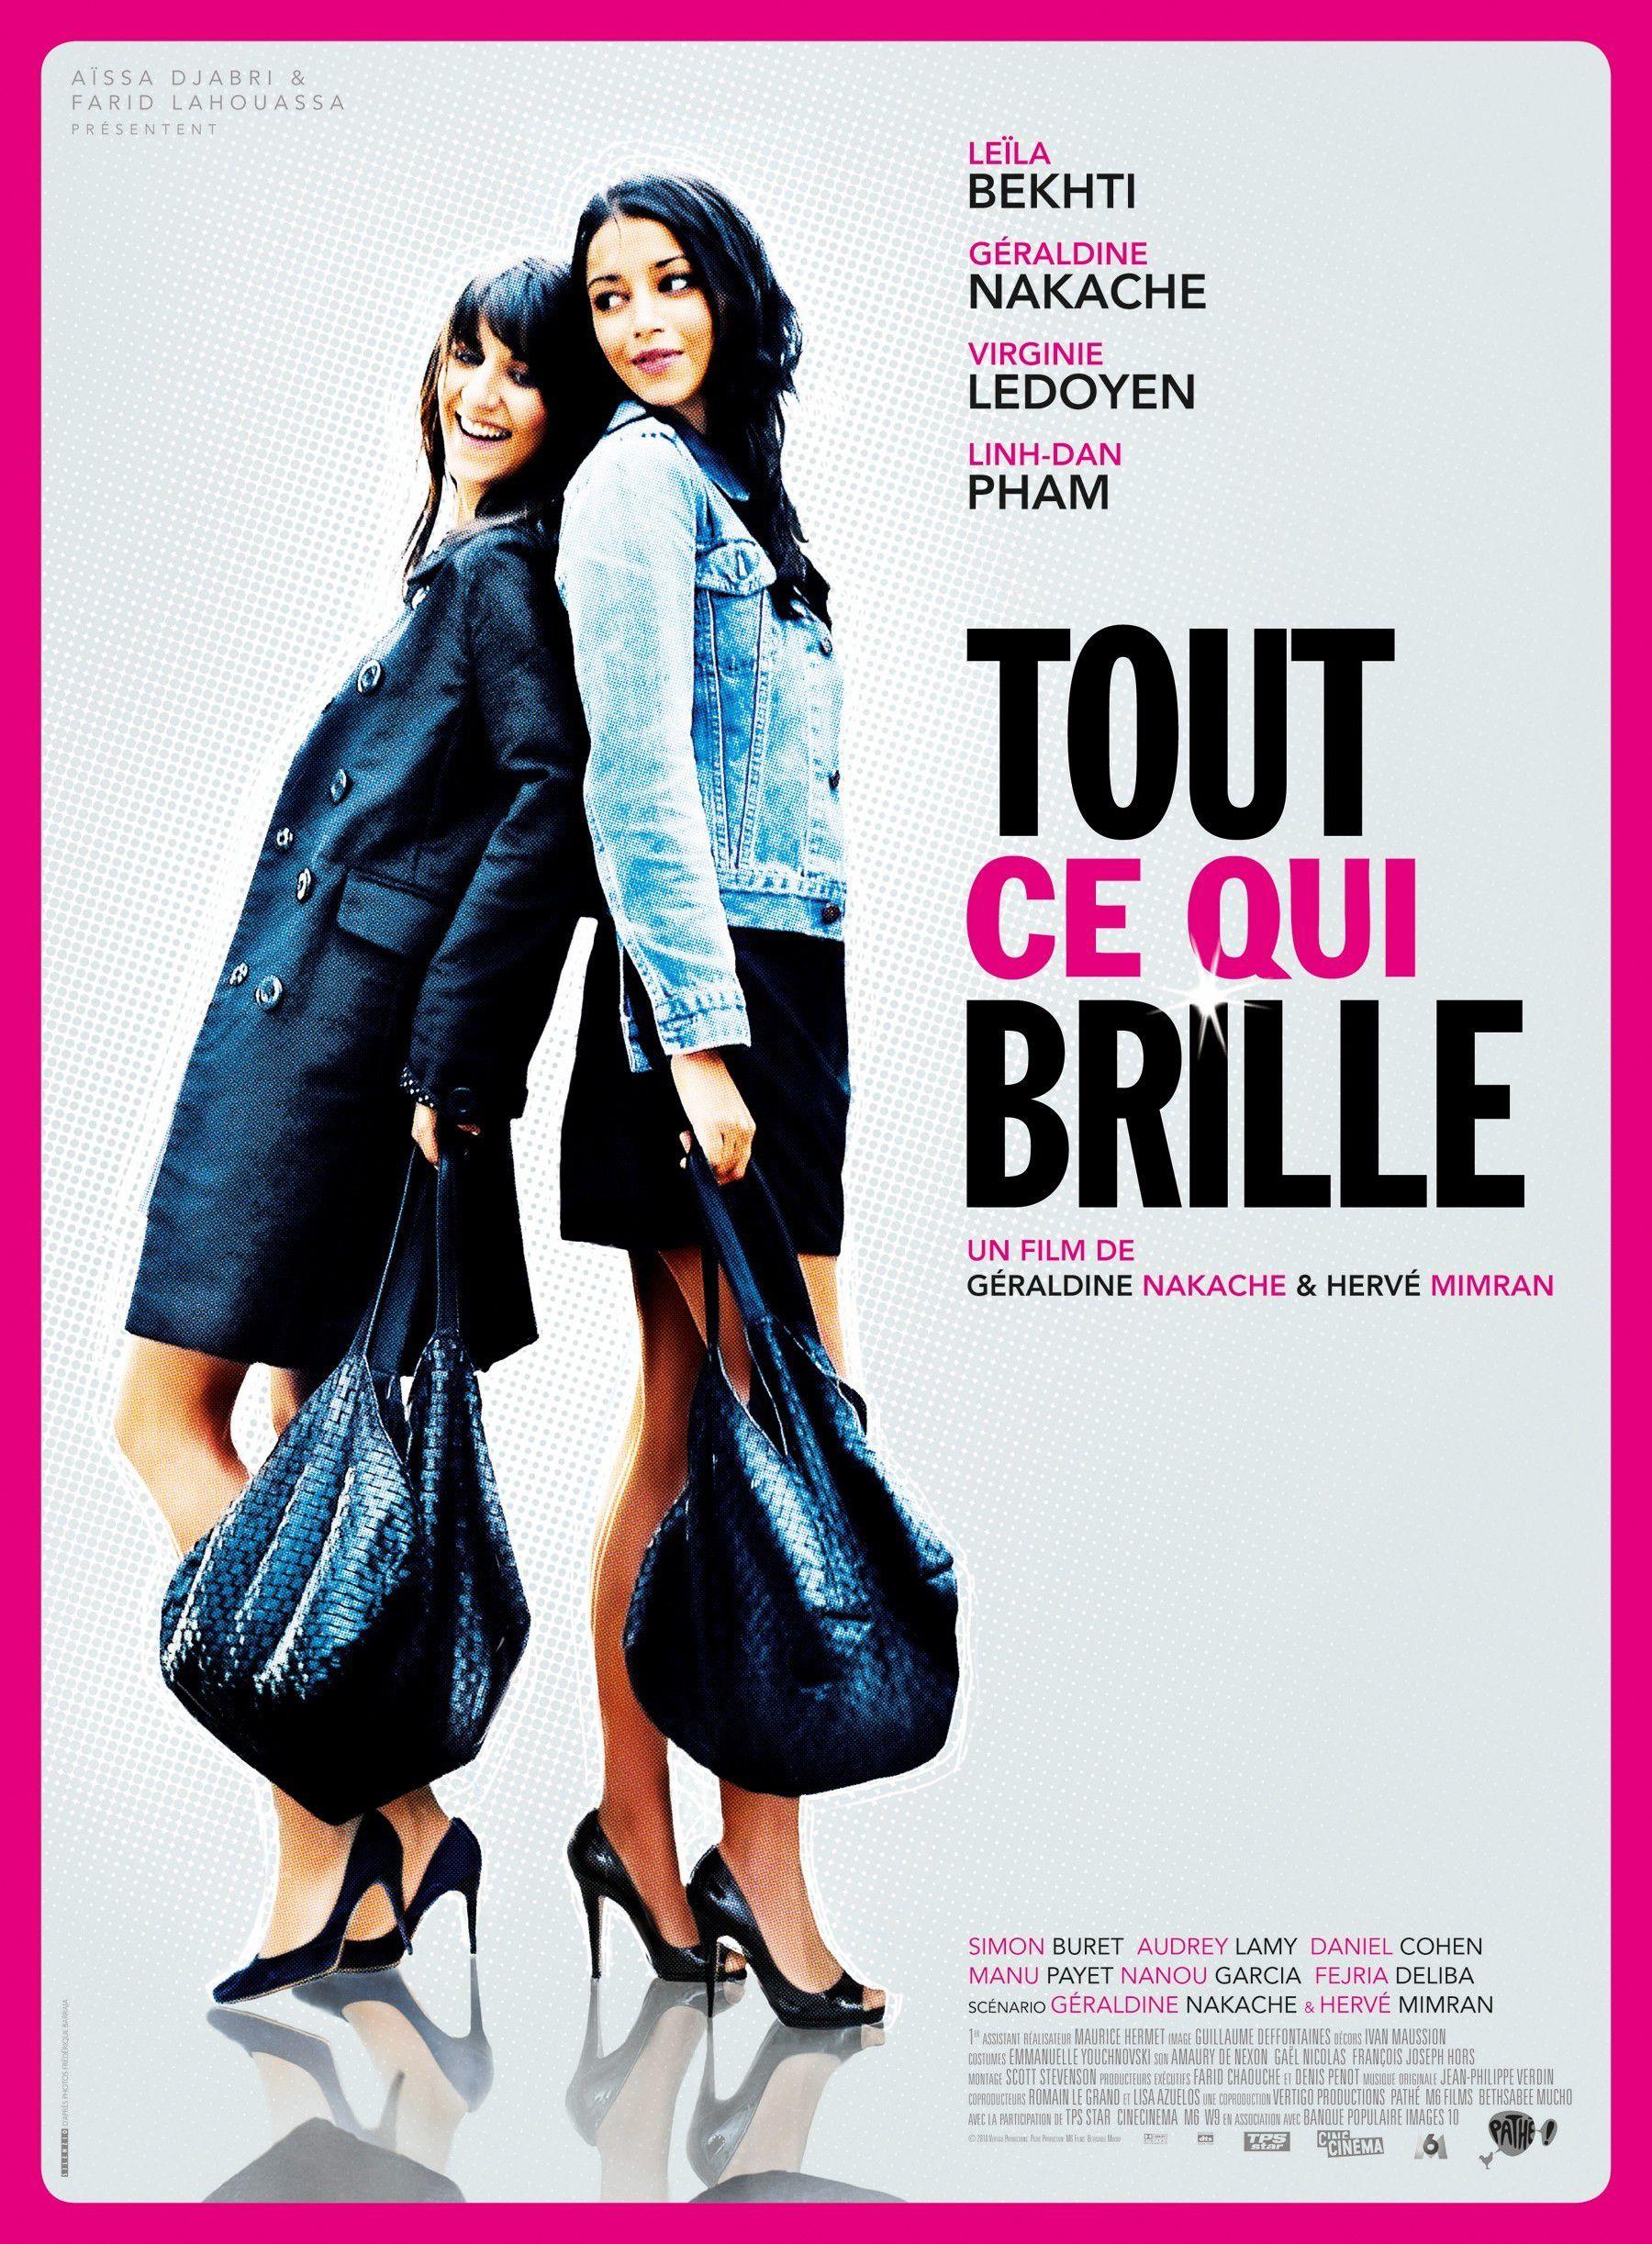 Tout ce qui brille - Film (2010)